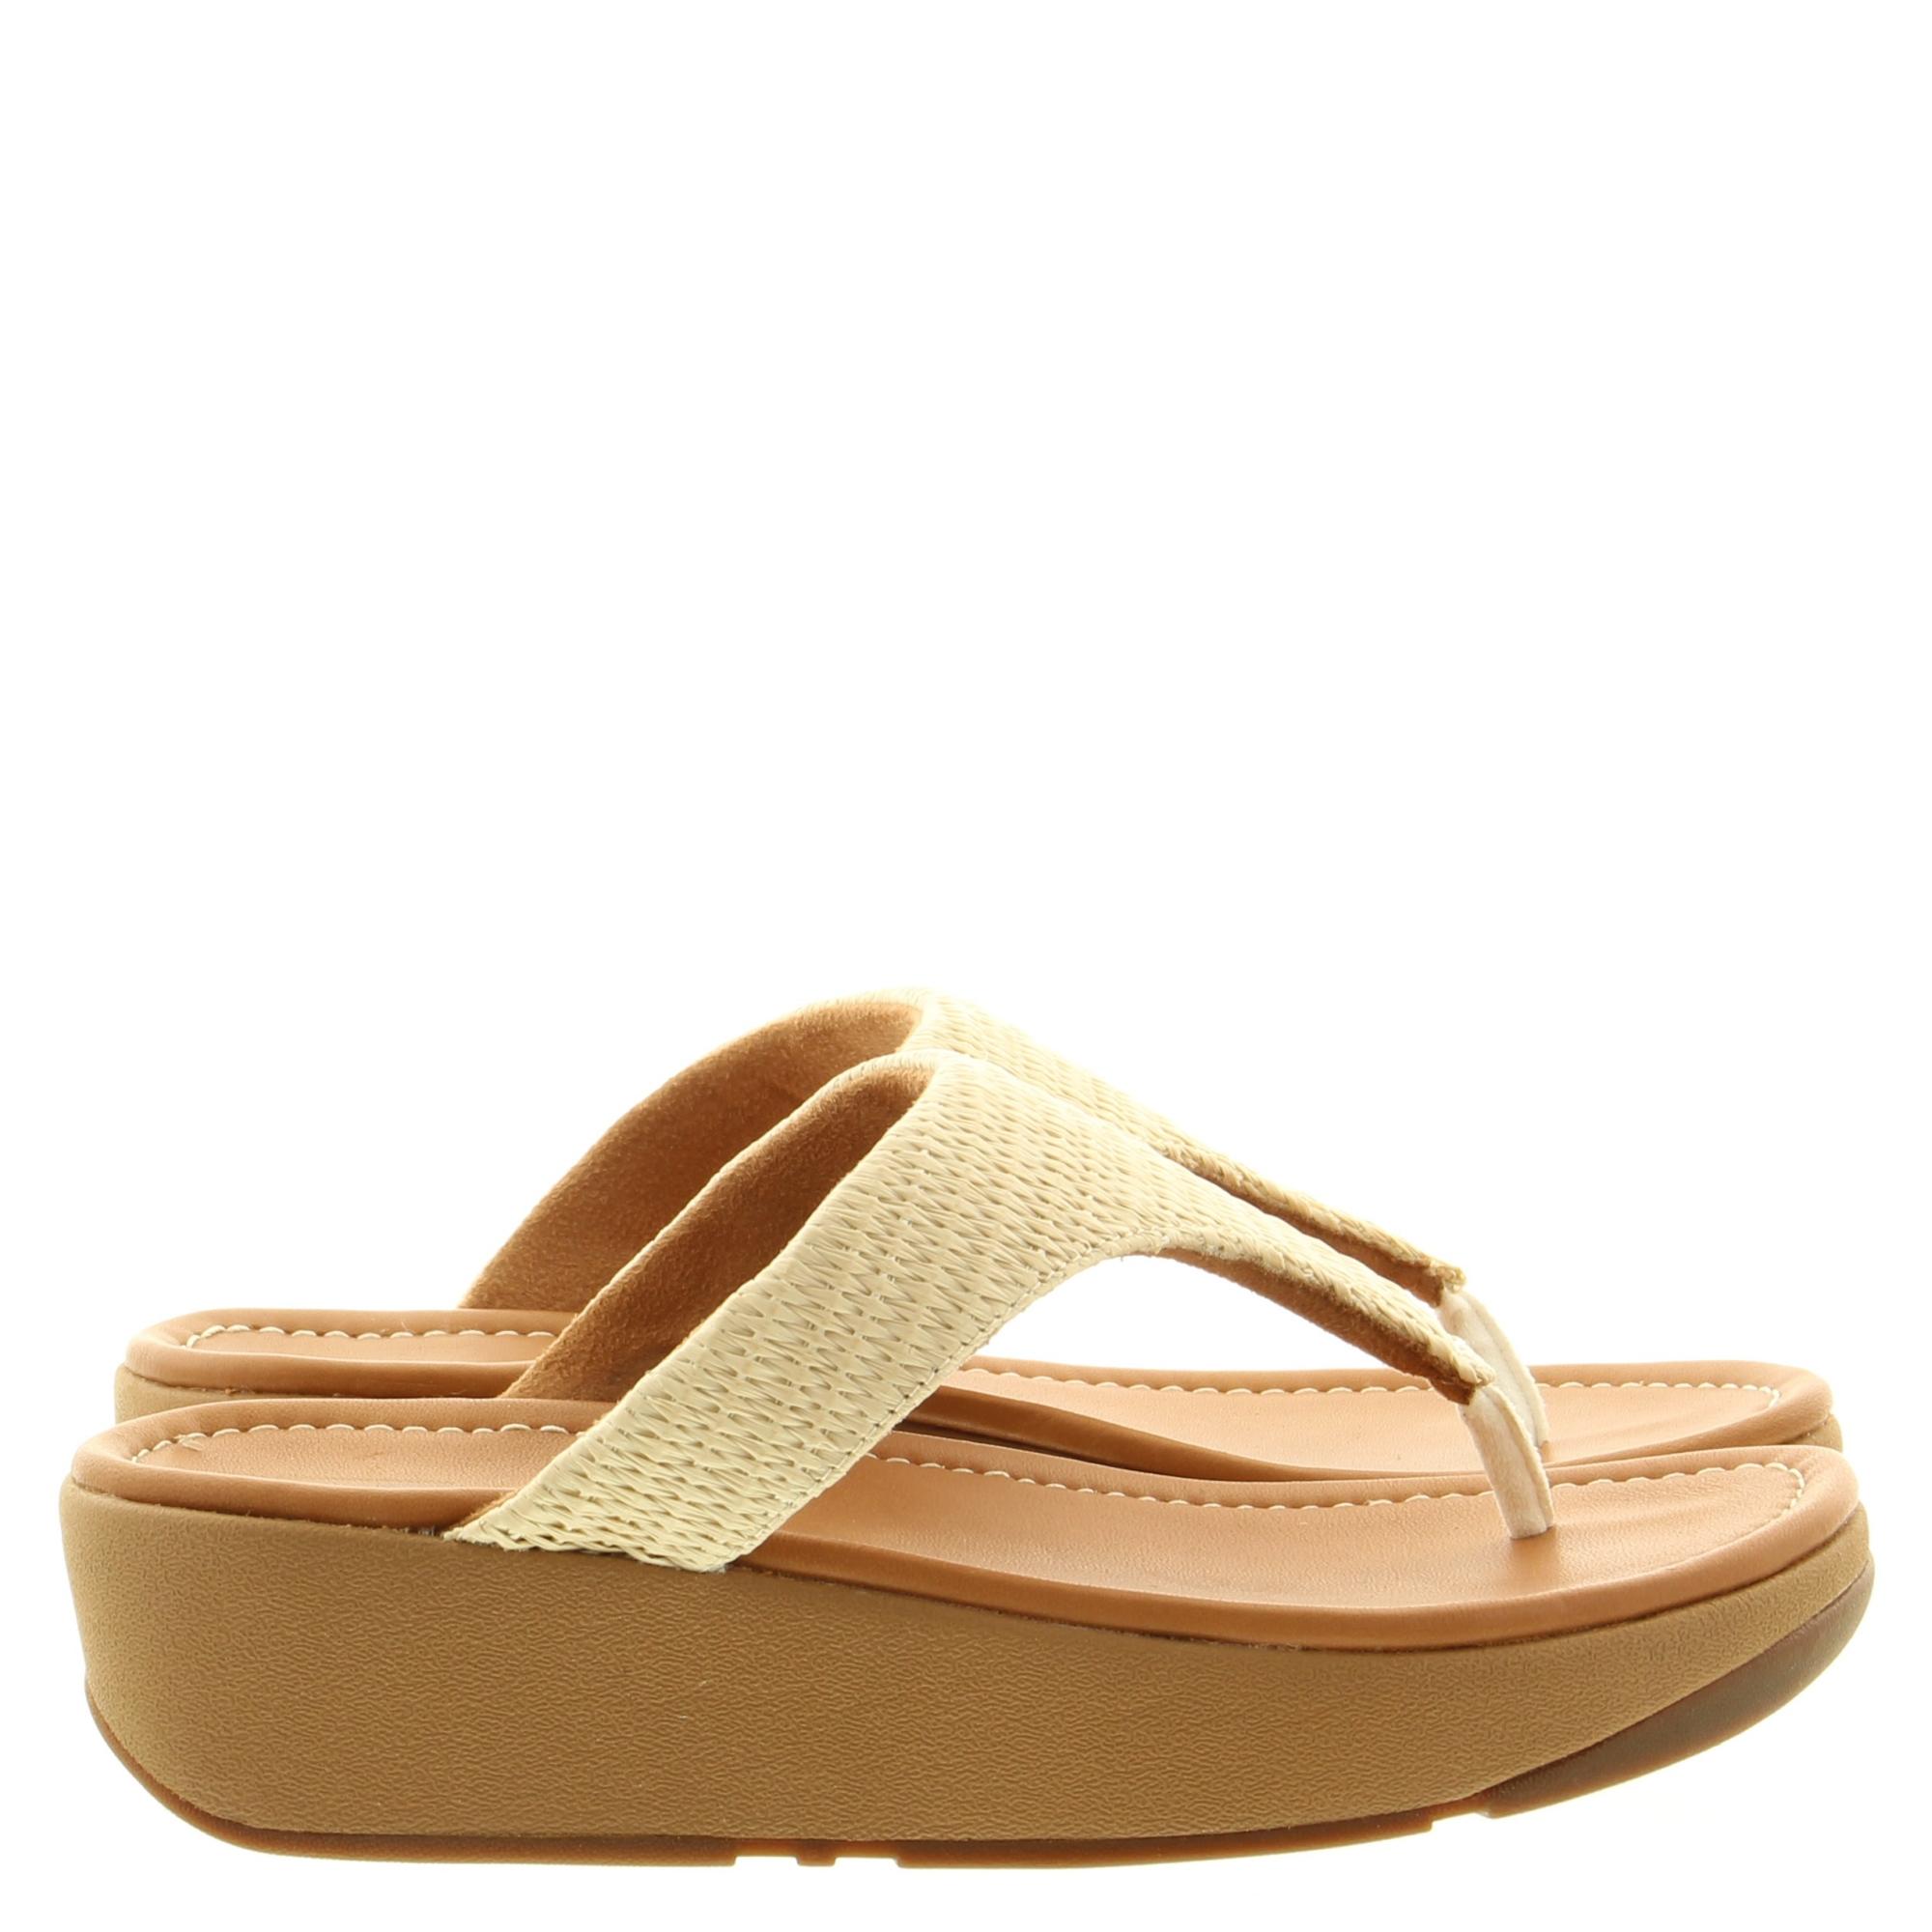 Fitflop BD3 Imogen Basket Weave Toe-Thongs 031 Stone